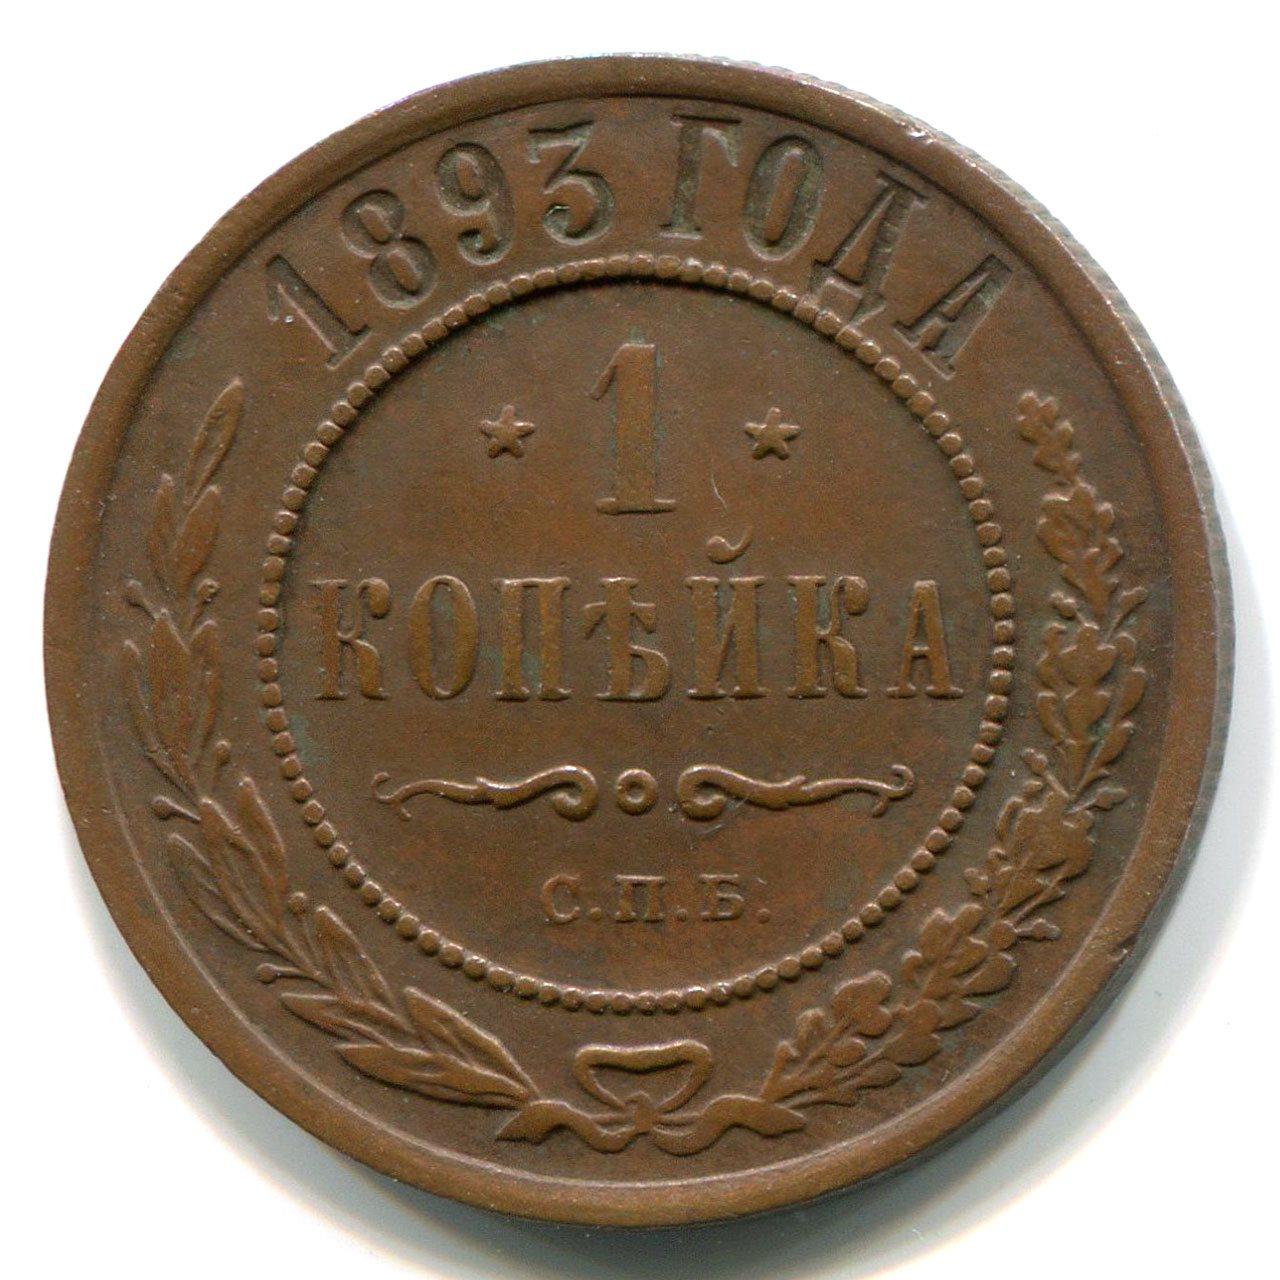 1 копейка 1989 года цена стоимость монеты